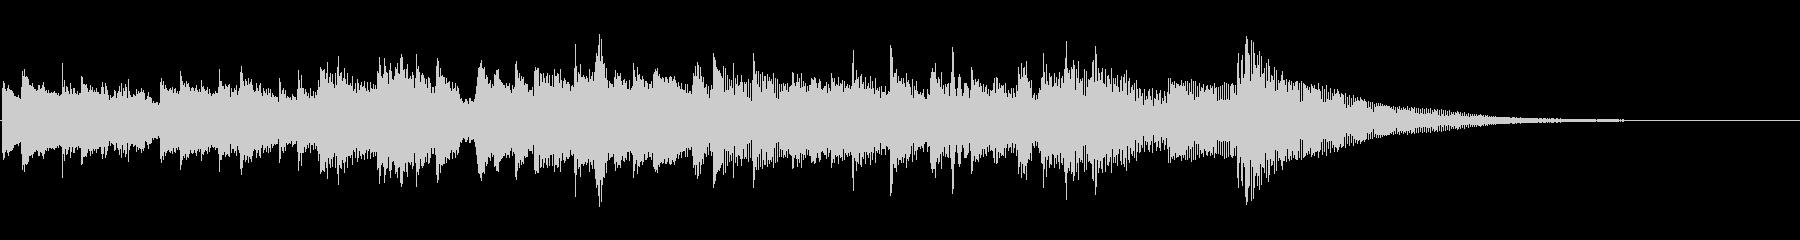 KAN_A.ギターオープニングソロの未再生の波形